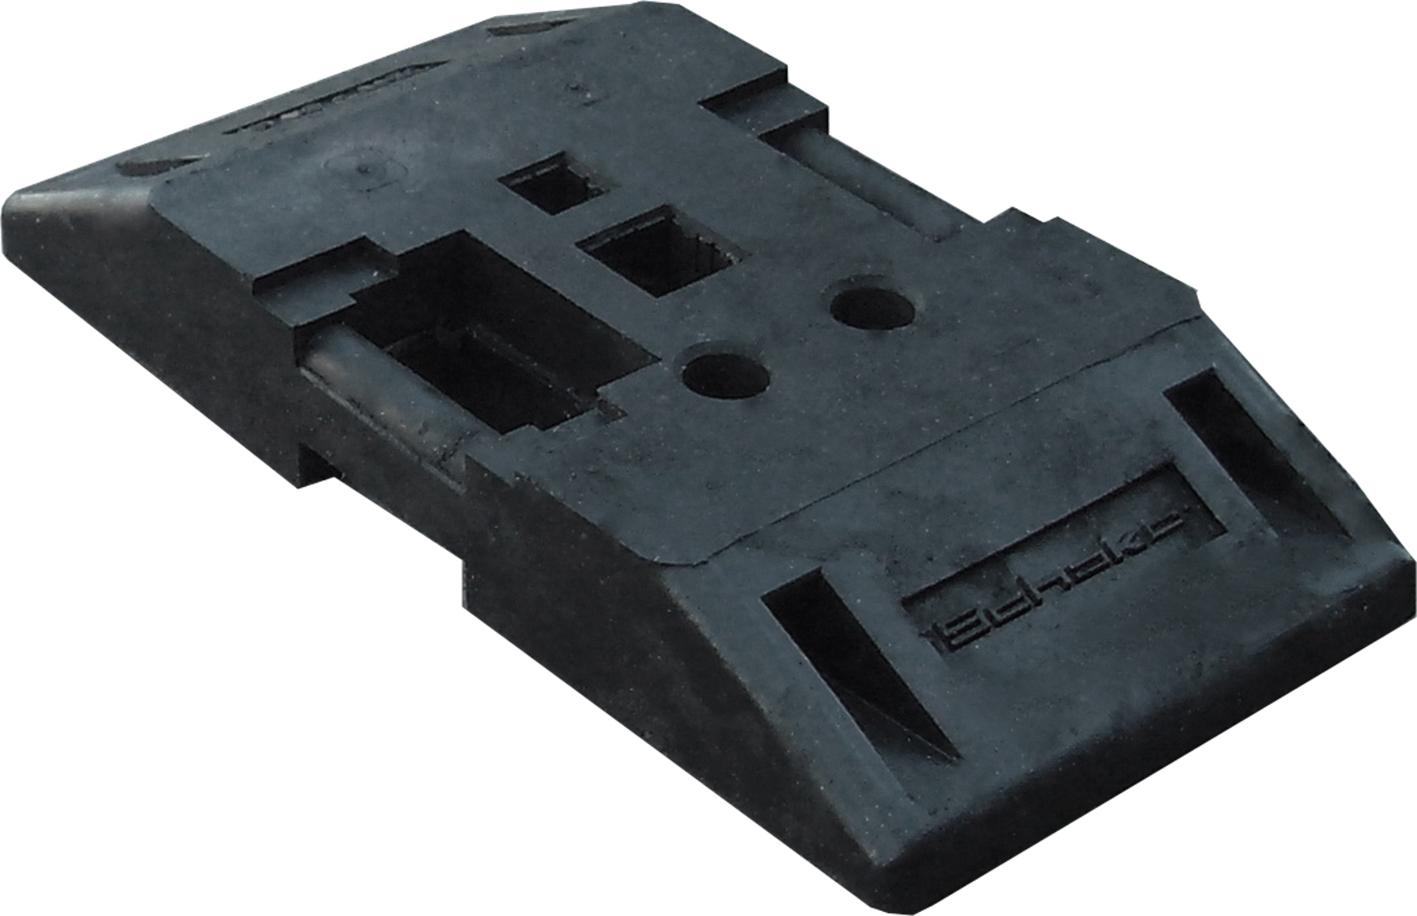 Schake TL-Fußplatte nach K1 - 800 x 400 x 120 mm